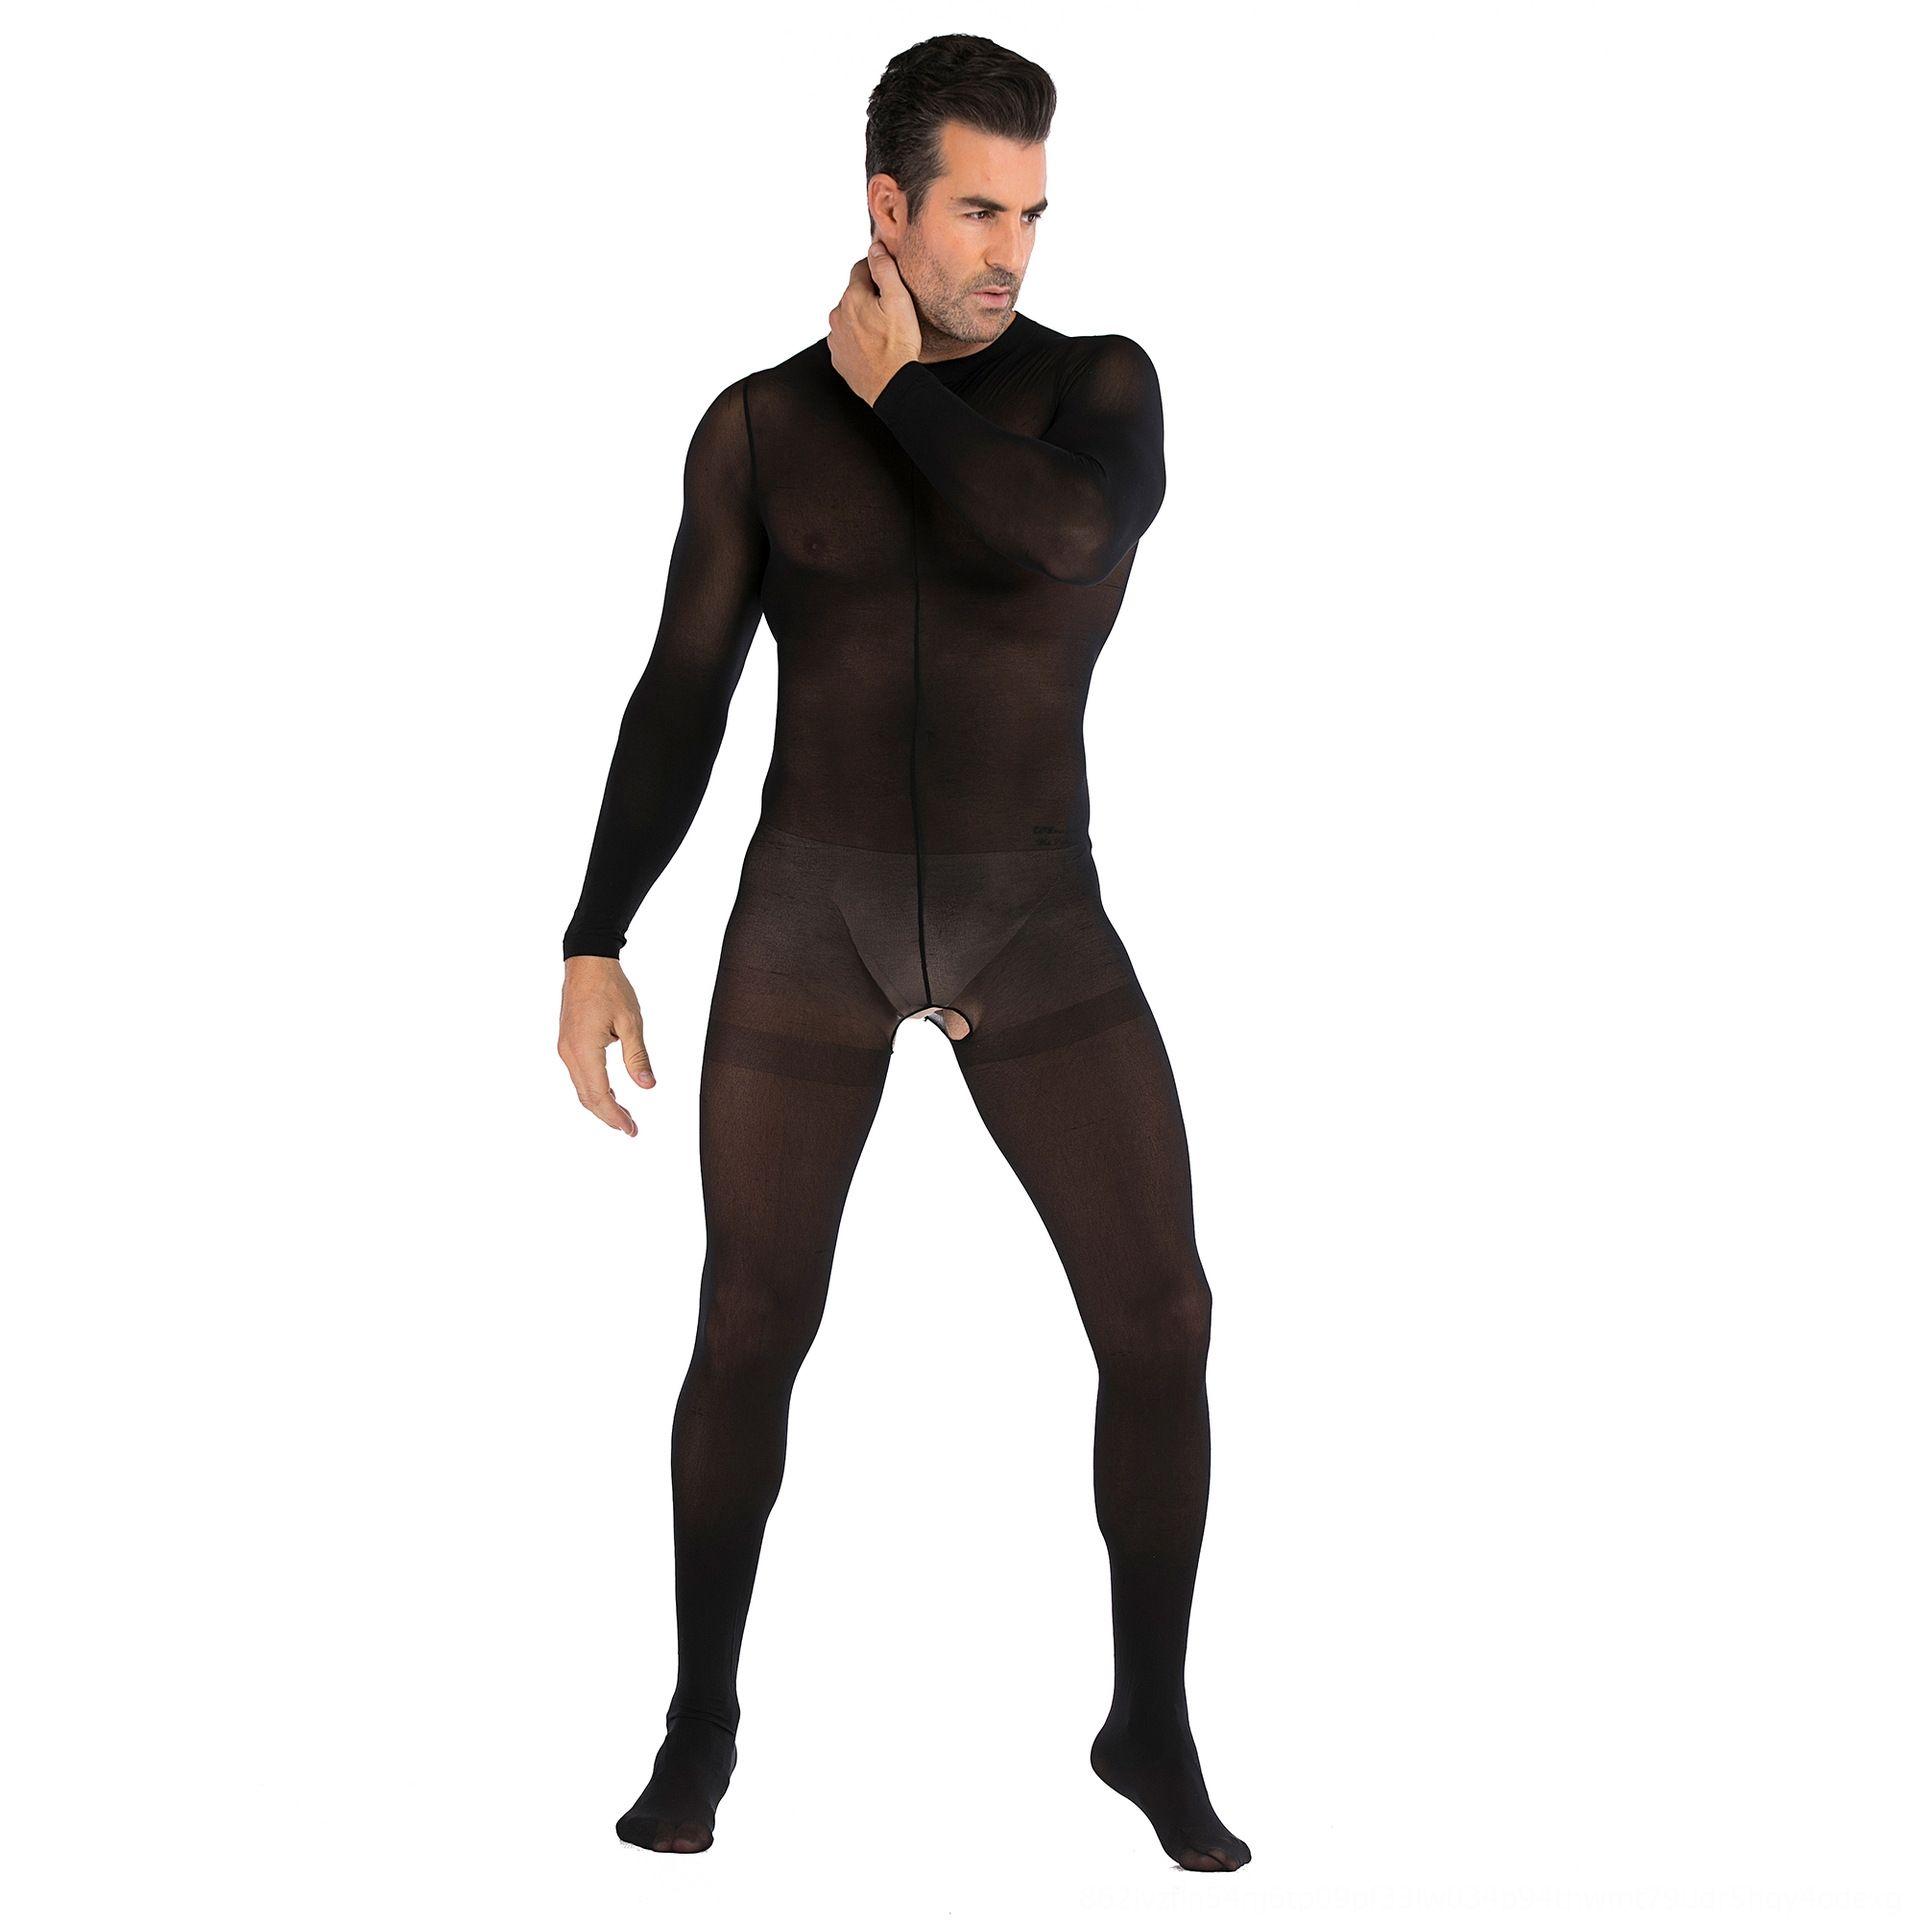 enteros de una sola pieza del cuerpo de manga larga Ropa interior pijamas apertura atractivo del club nocturno JJ conjunto sexy medias de las medias de la ropa interior de los hombres L9xJx